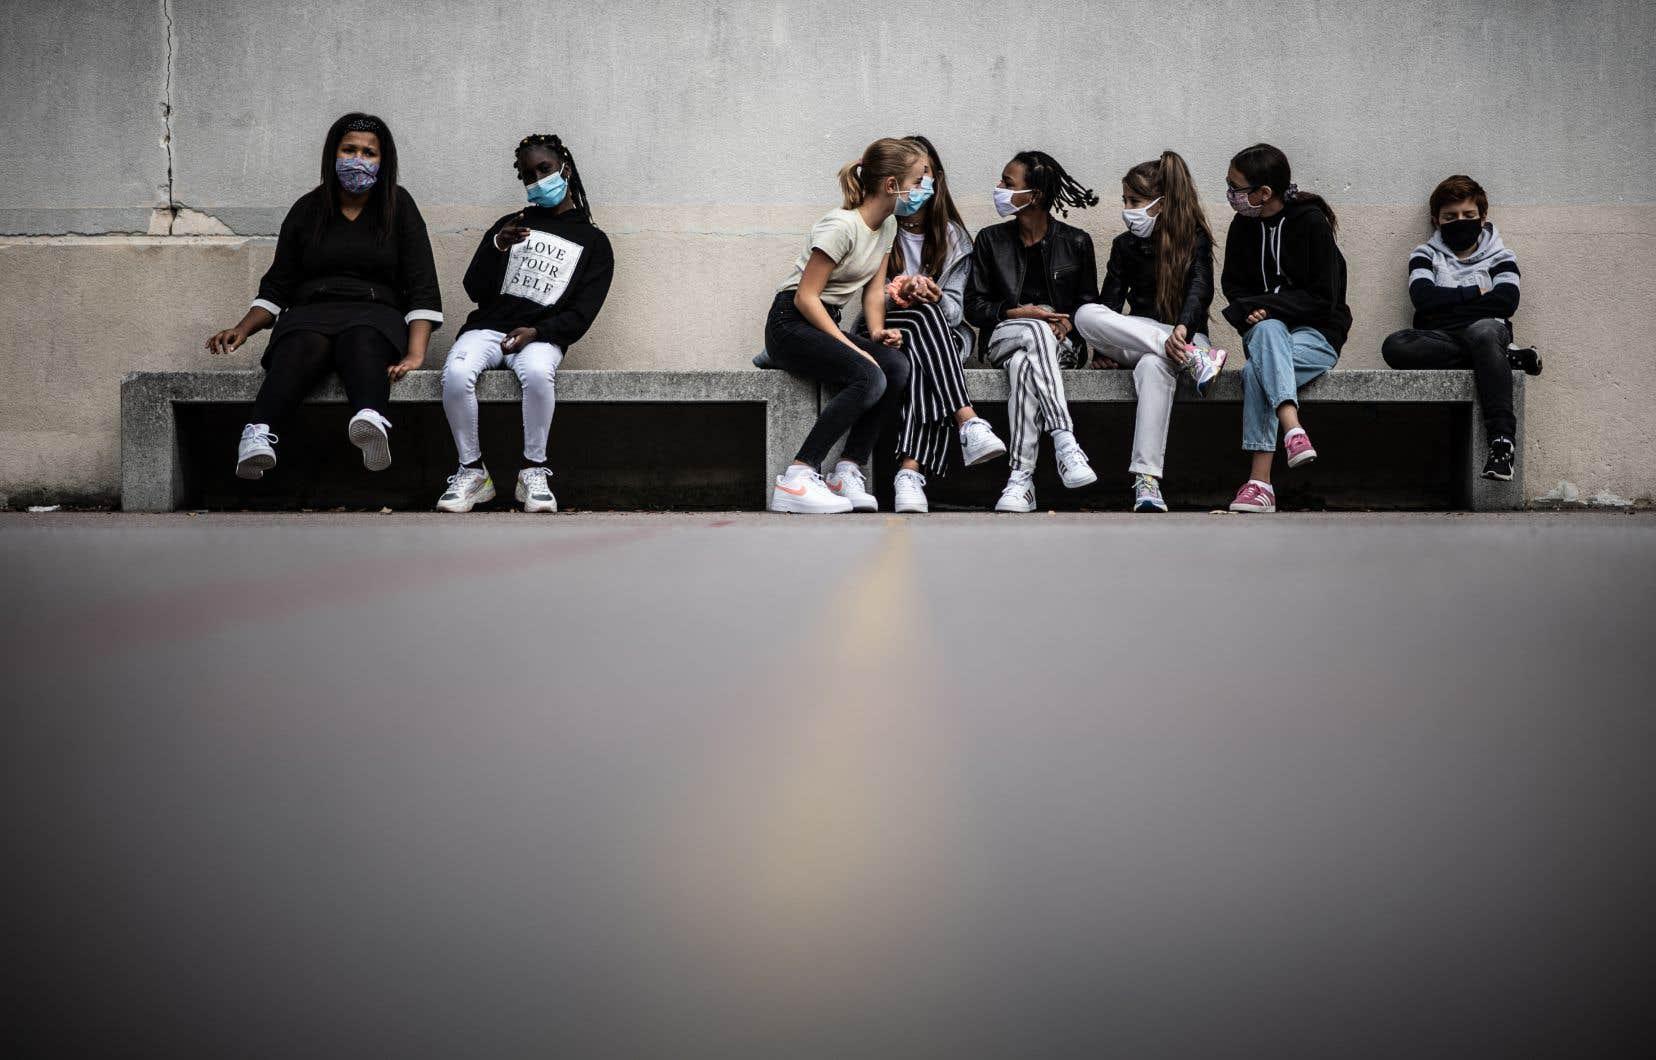 Le syndicat s'évertue aussi à combattre les inégalités sociales, car «les écoles publiques font en sorte que ceux qui ont moins de chance aient un peu plus de chance».